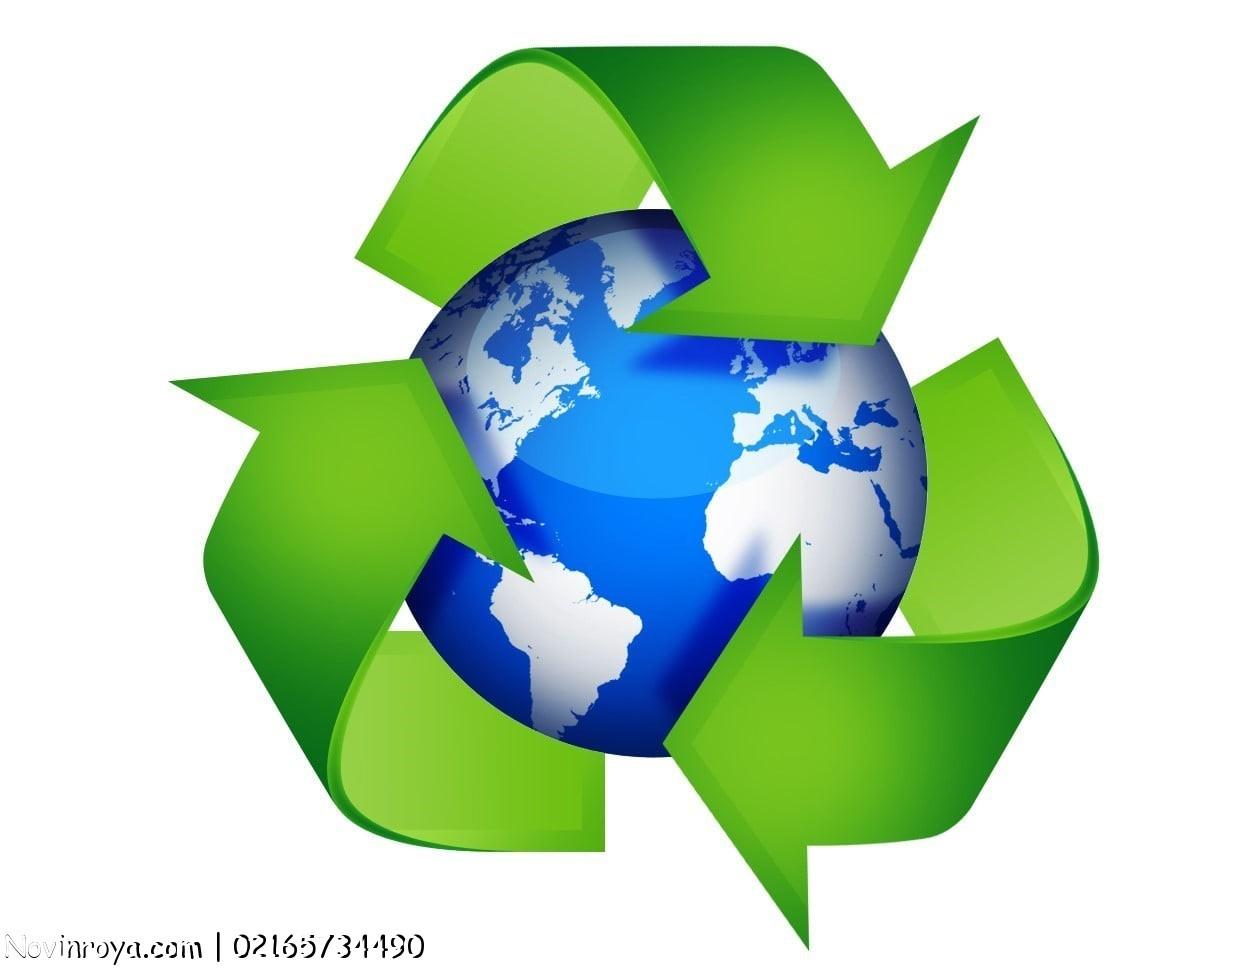 کمپین استفاده حداکثری از منابع بازیافتی در چین